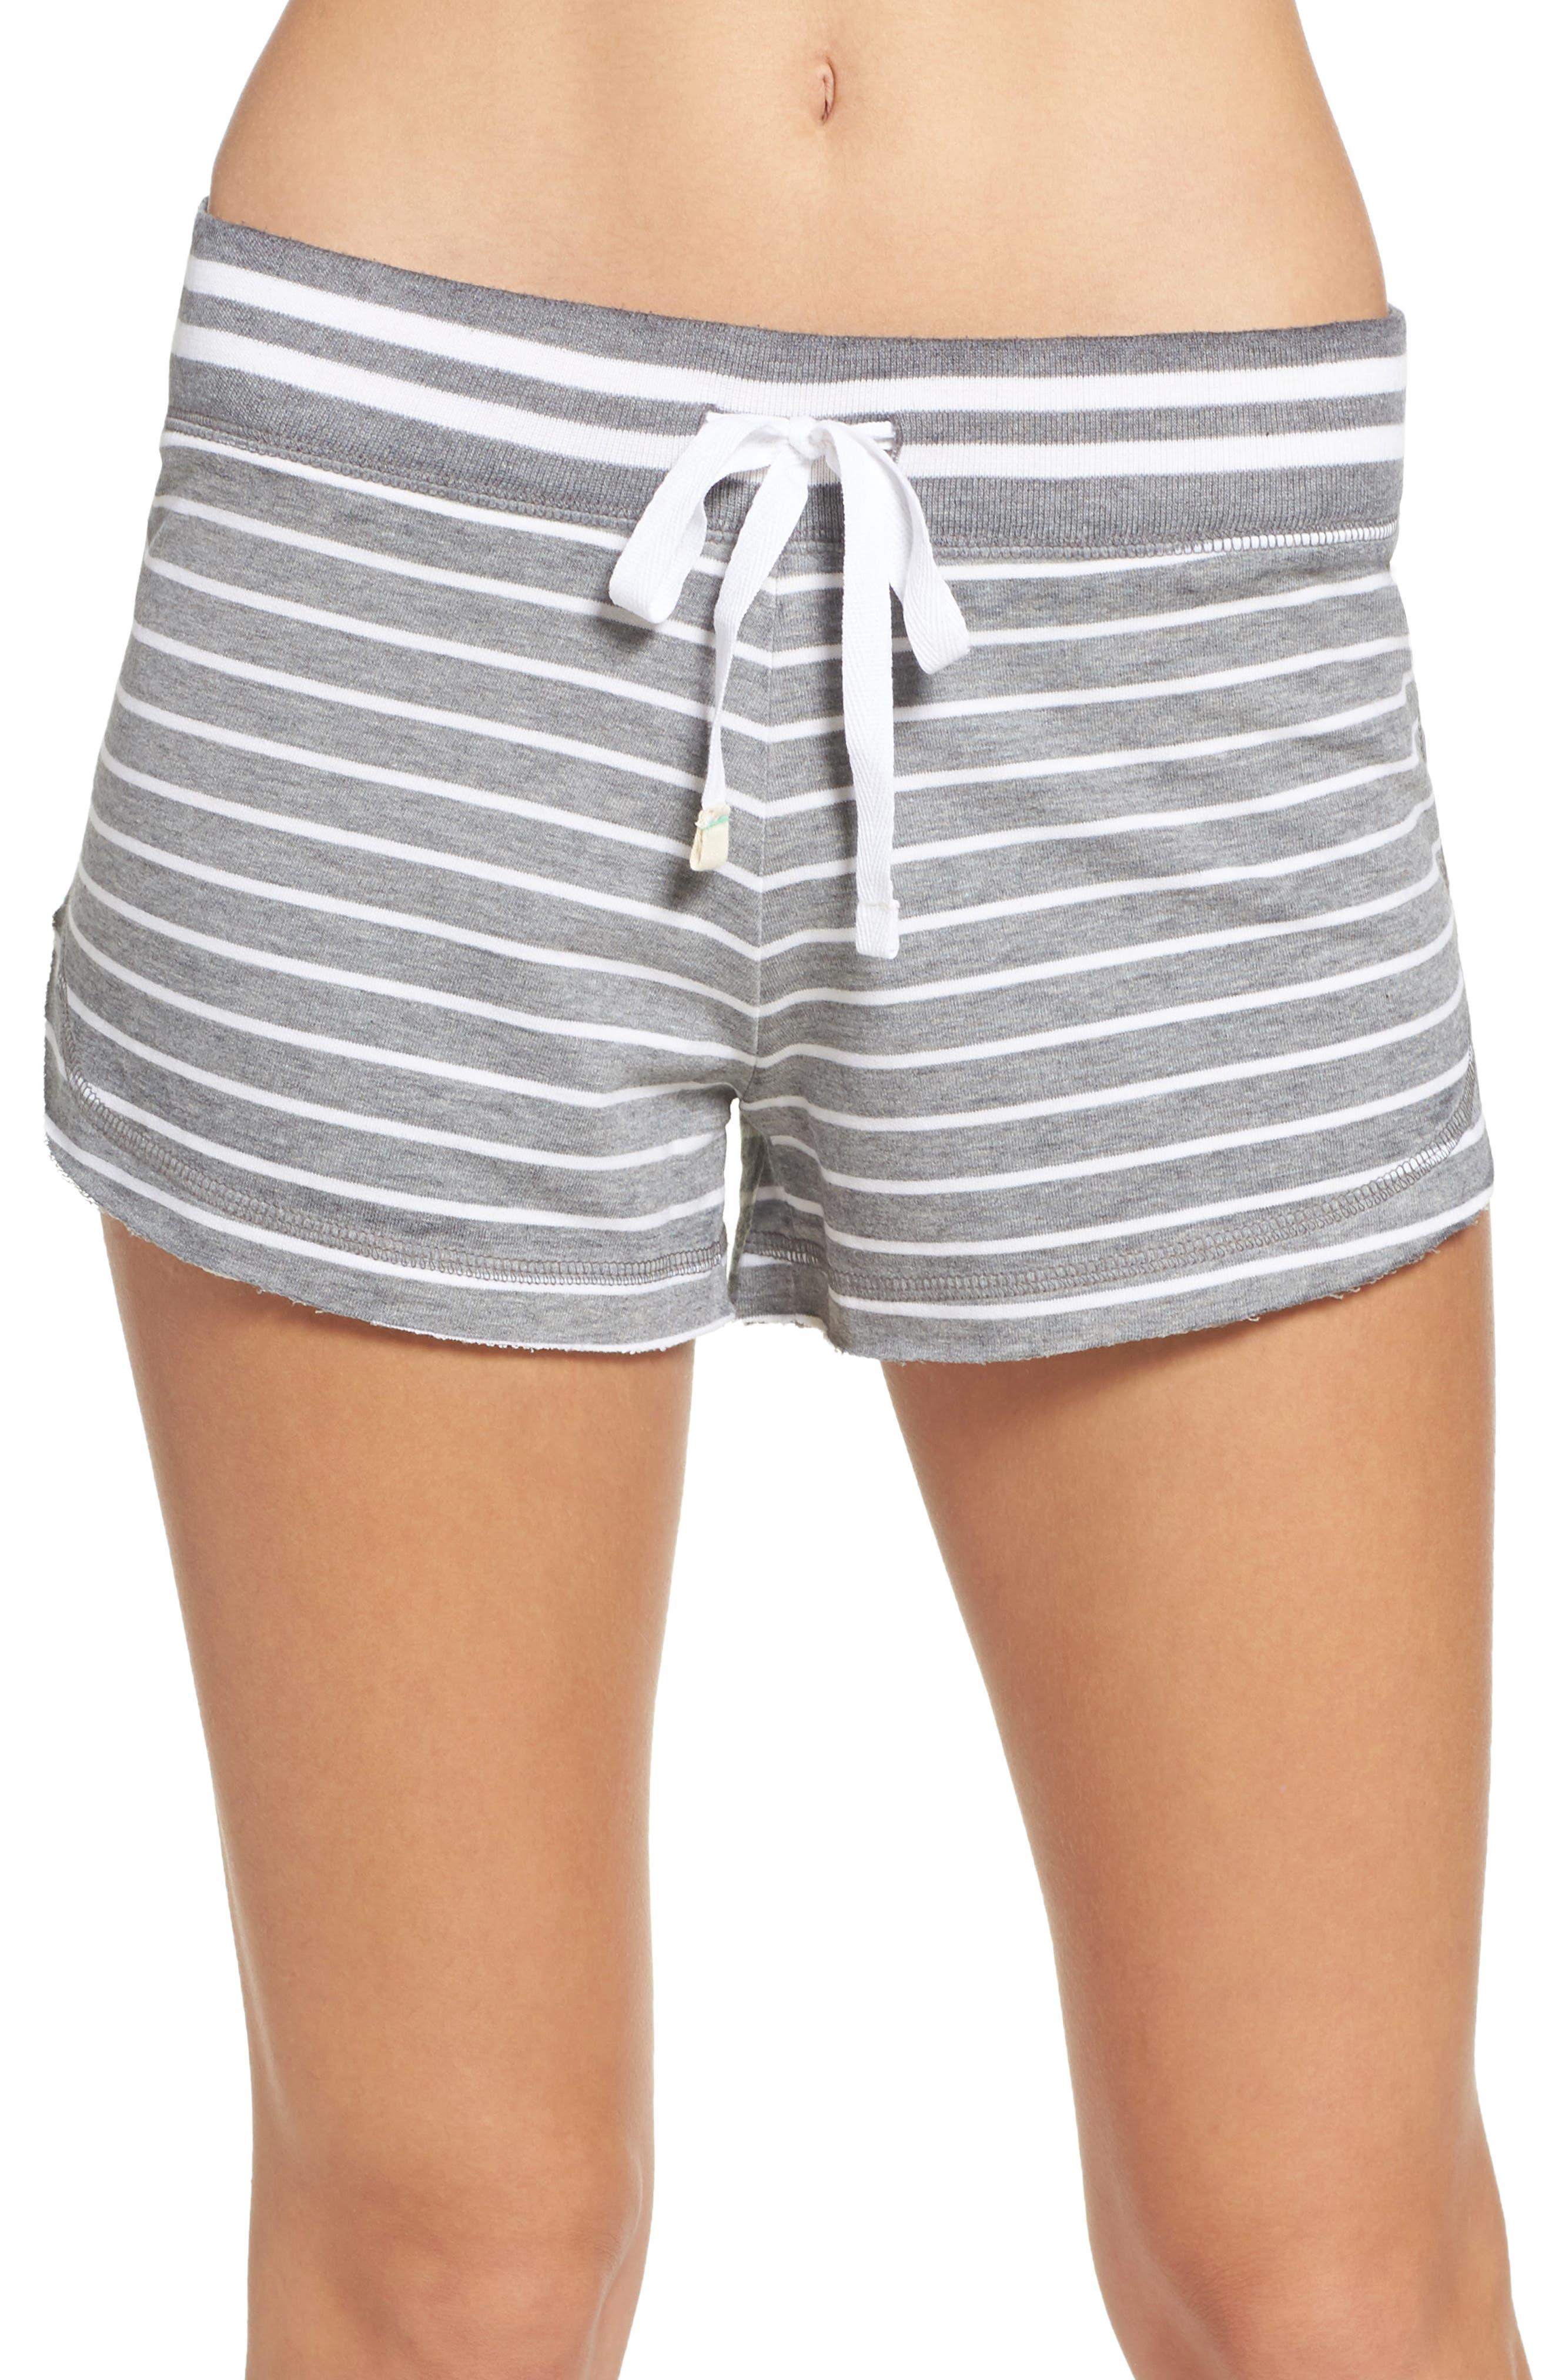 Honeydew Intimates Undrest Lounge Shorts